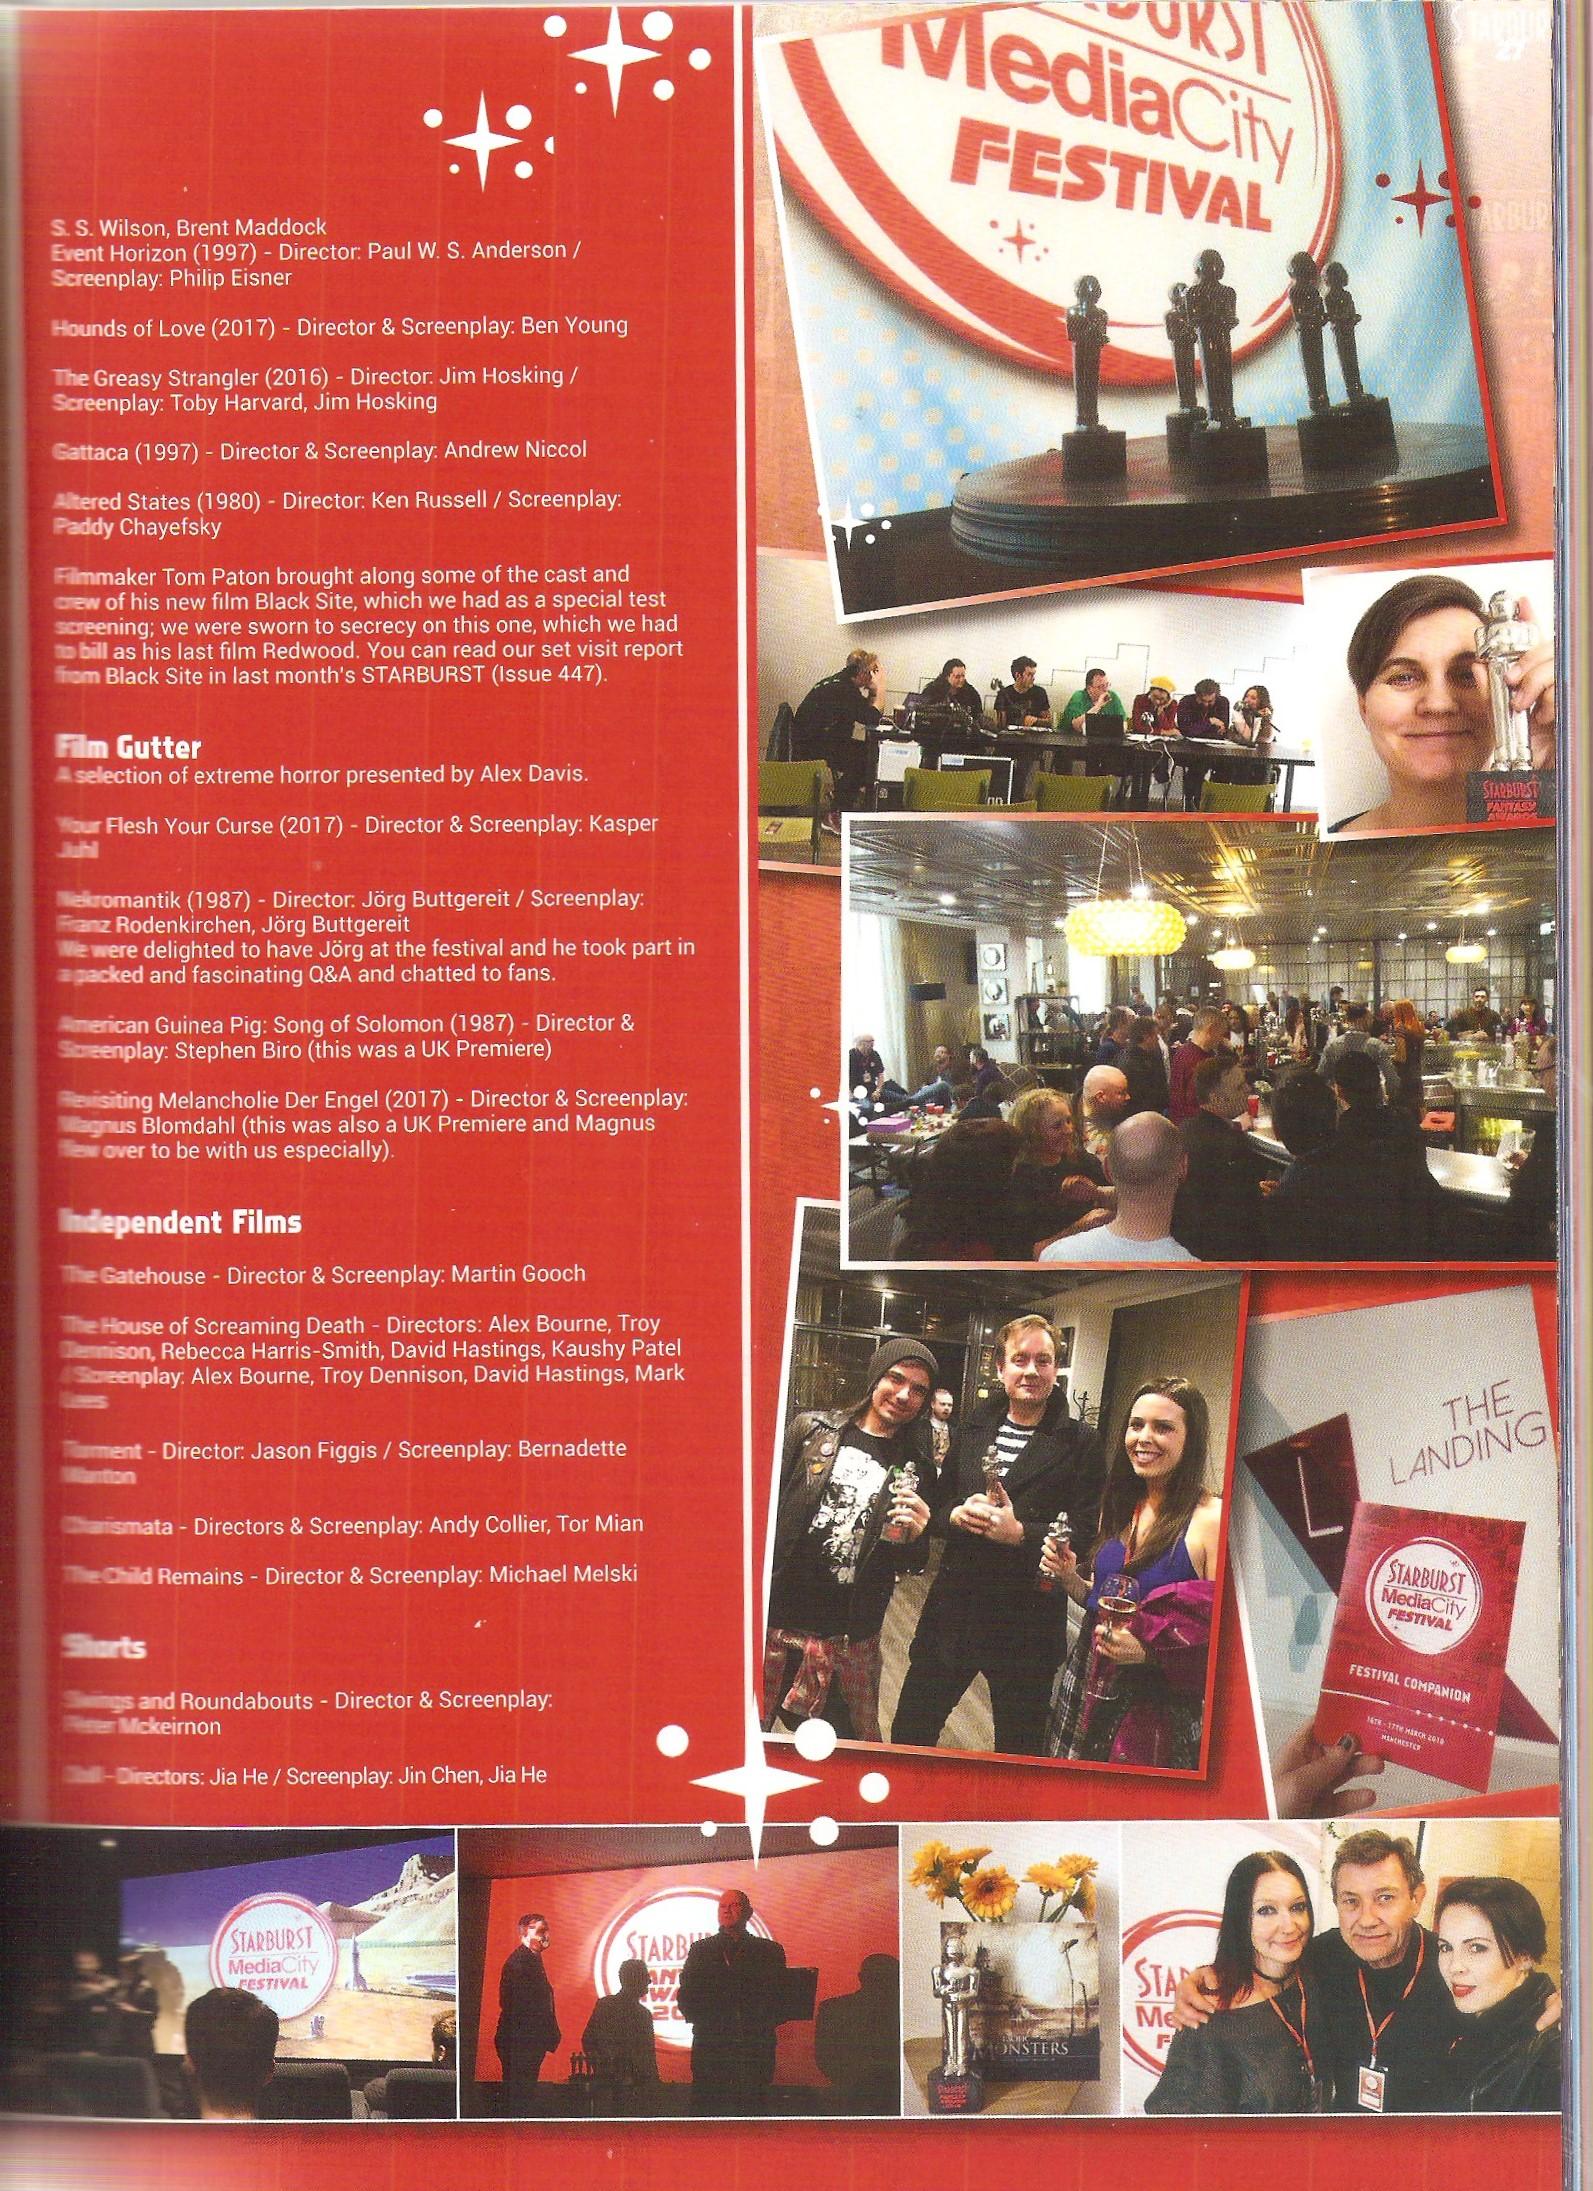 STARBURST Magazine, issue 448